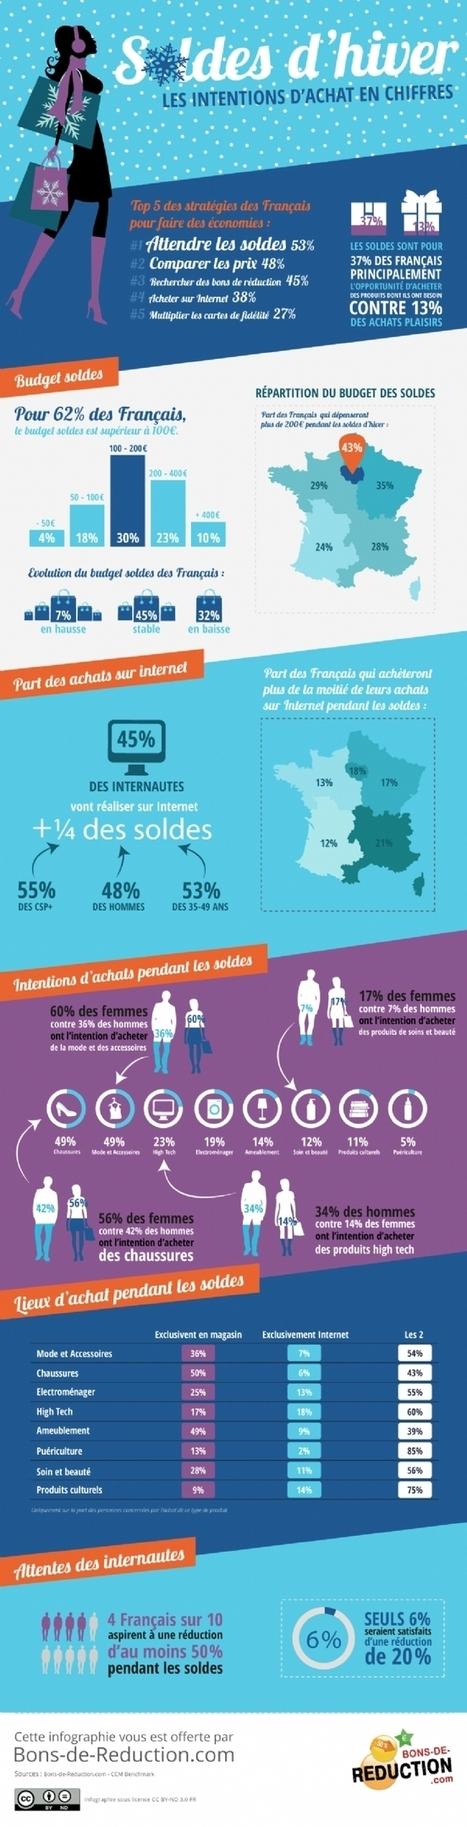 Soldes 2014 : les intentions d'achats des français - Emarketing | Digital Marketing | Scoop.it